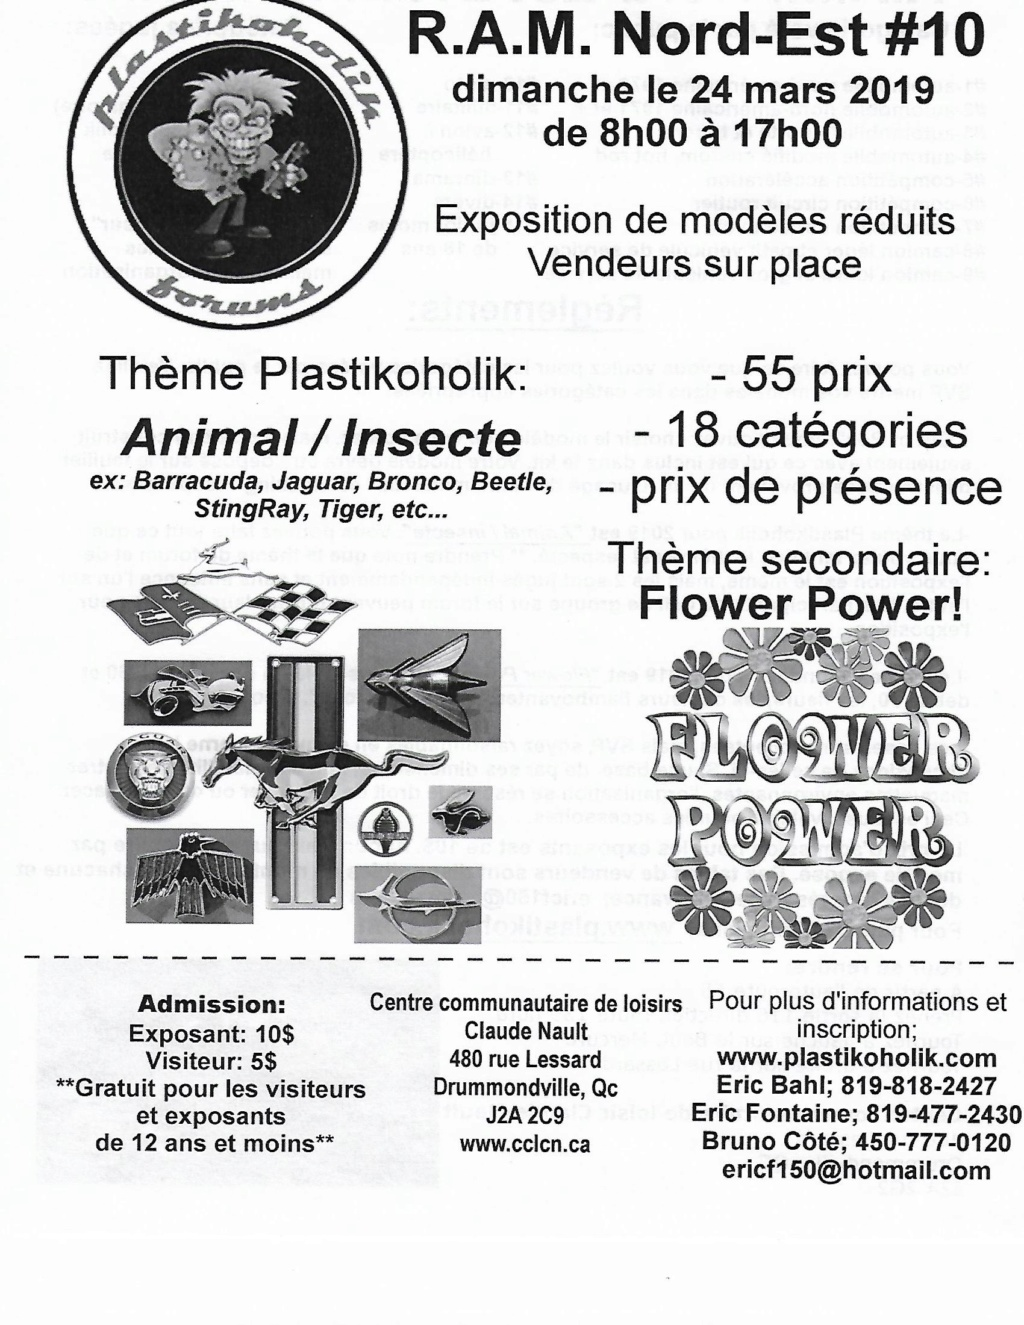 R.A.M Nord-Est #10 Drummondville dimanche le 24 mars 2019 Scan110